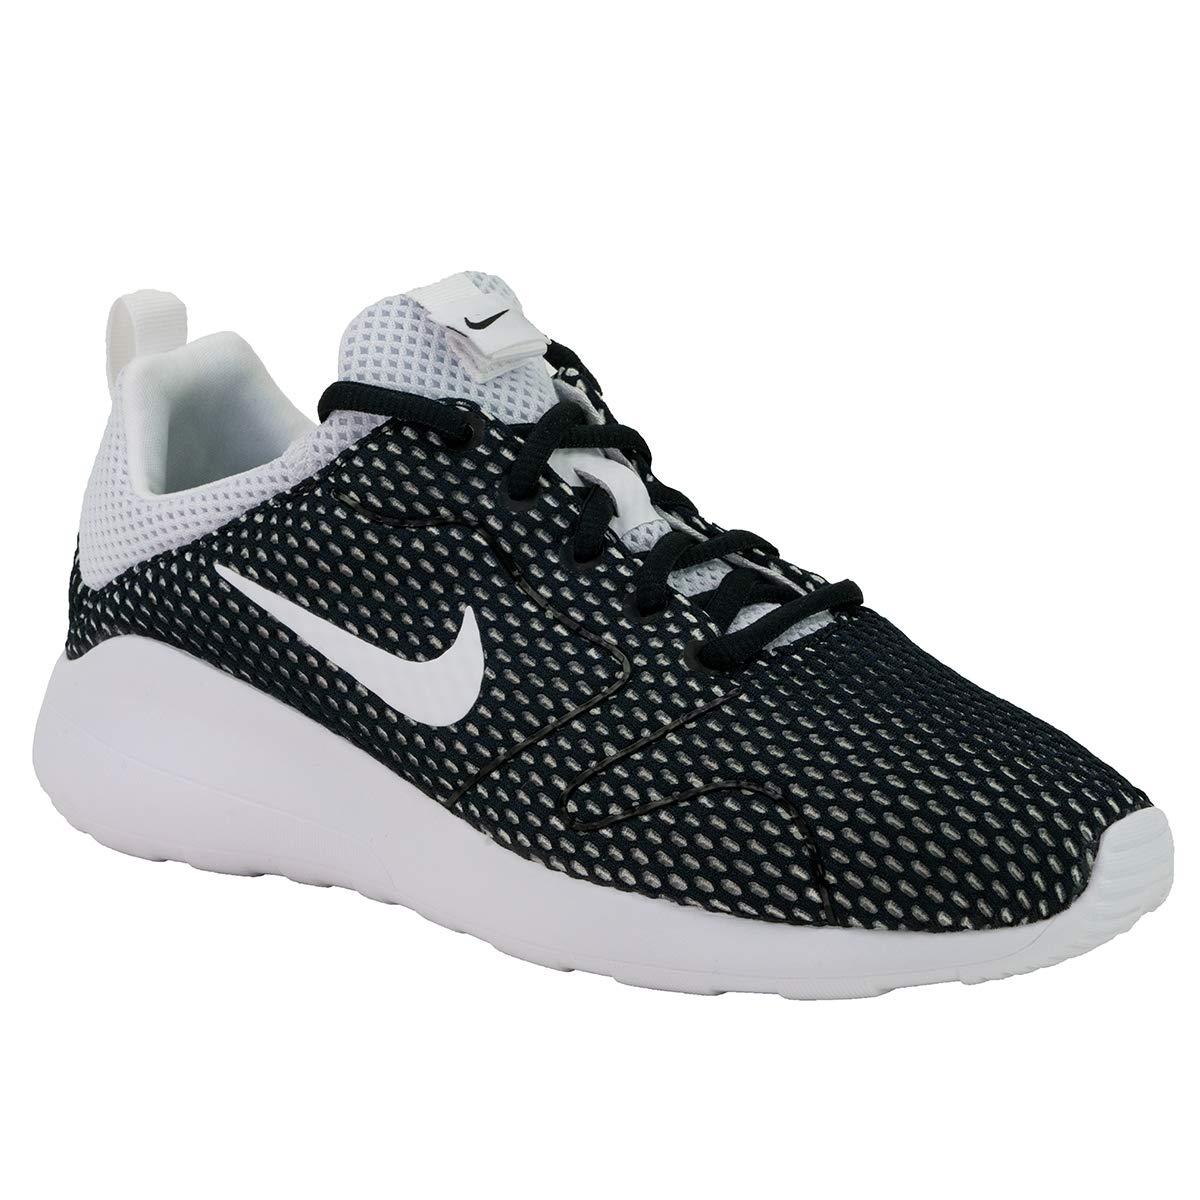 7d16fc7a878d0 NIKE Men's Kaishi 2.0 SE Running Shoes Black/White 7.5